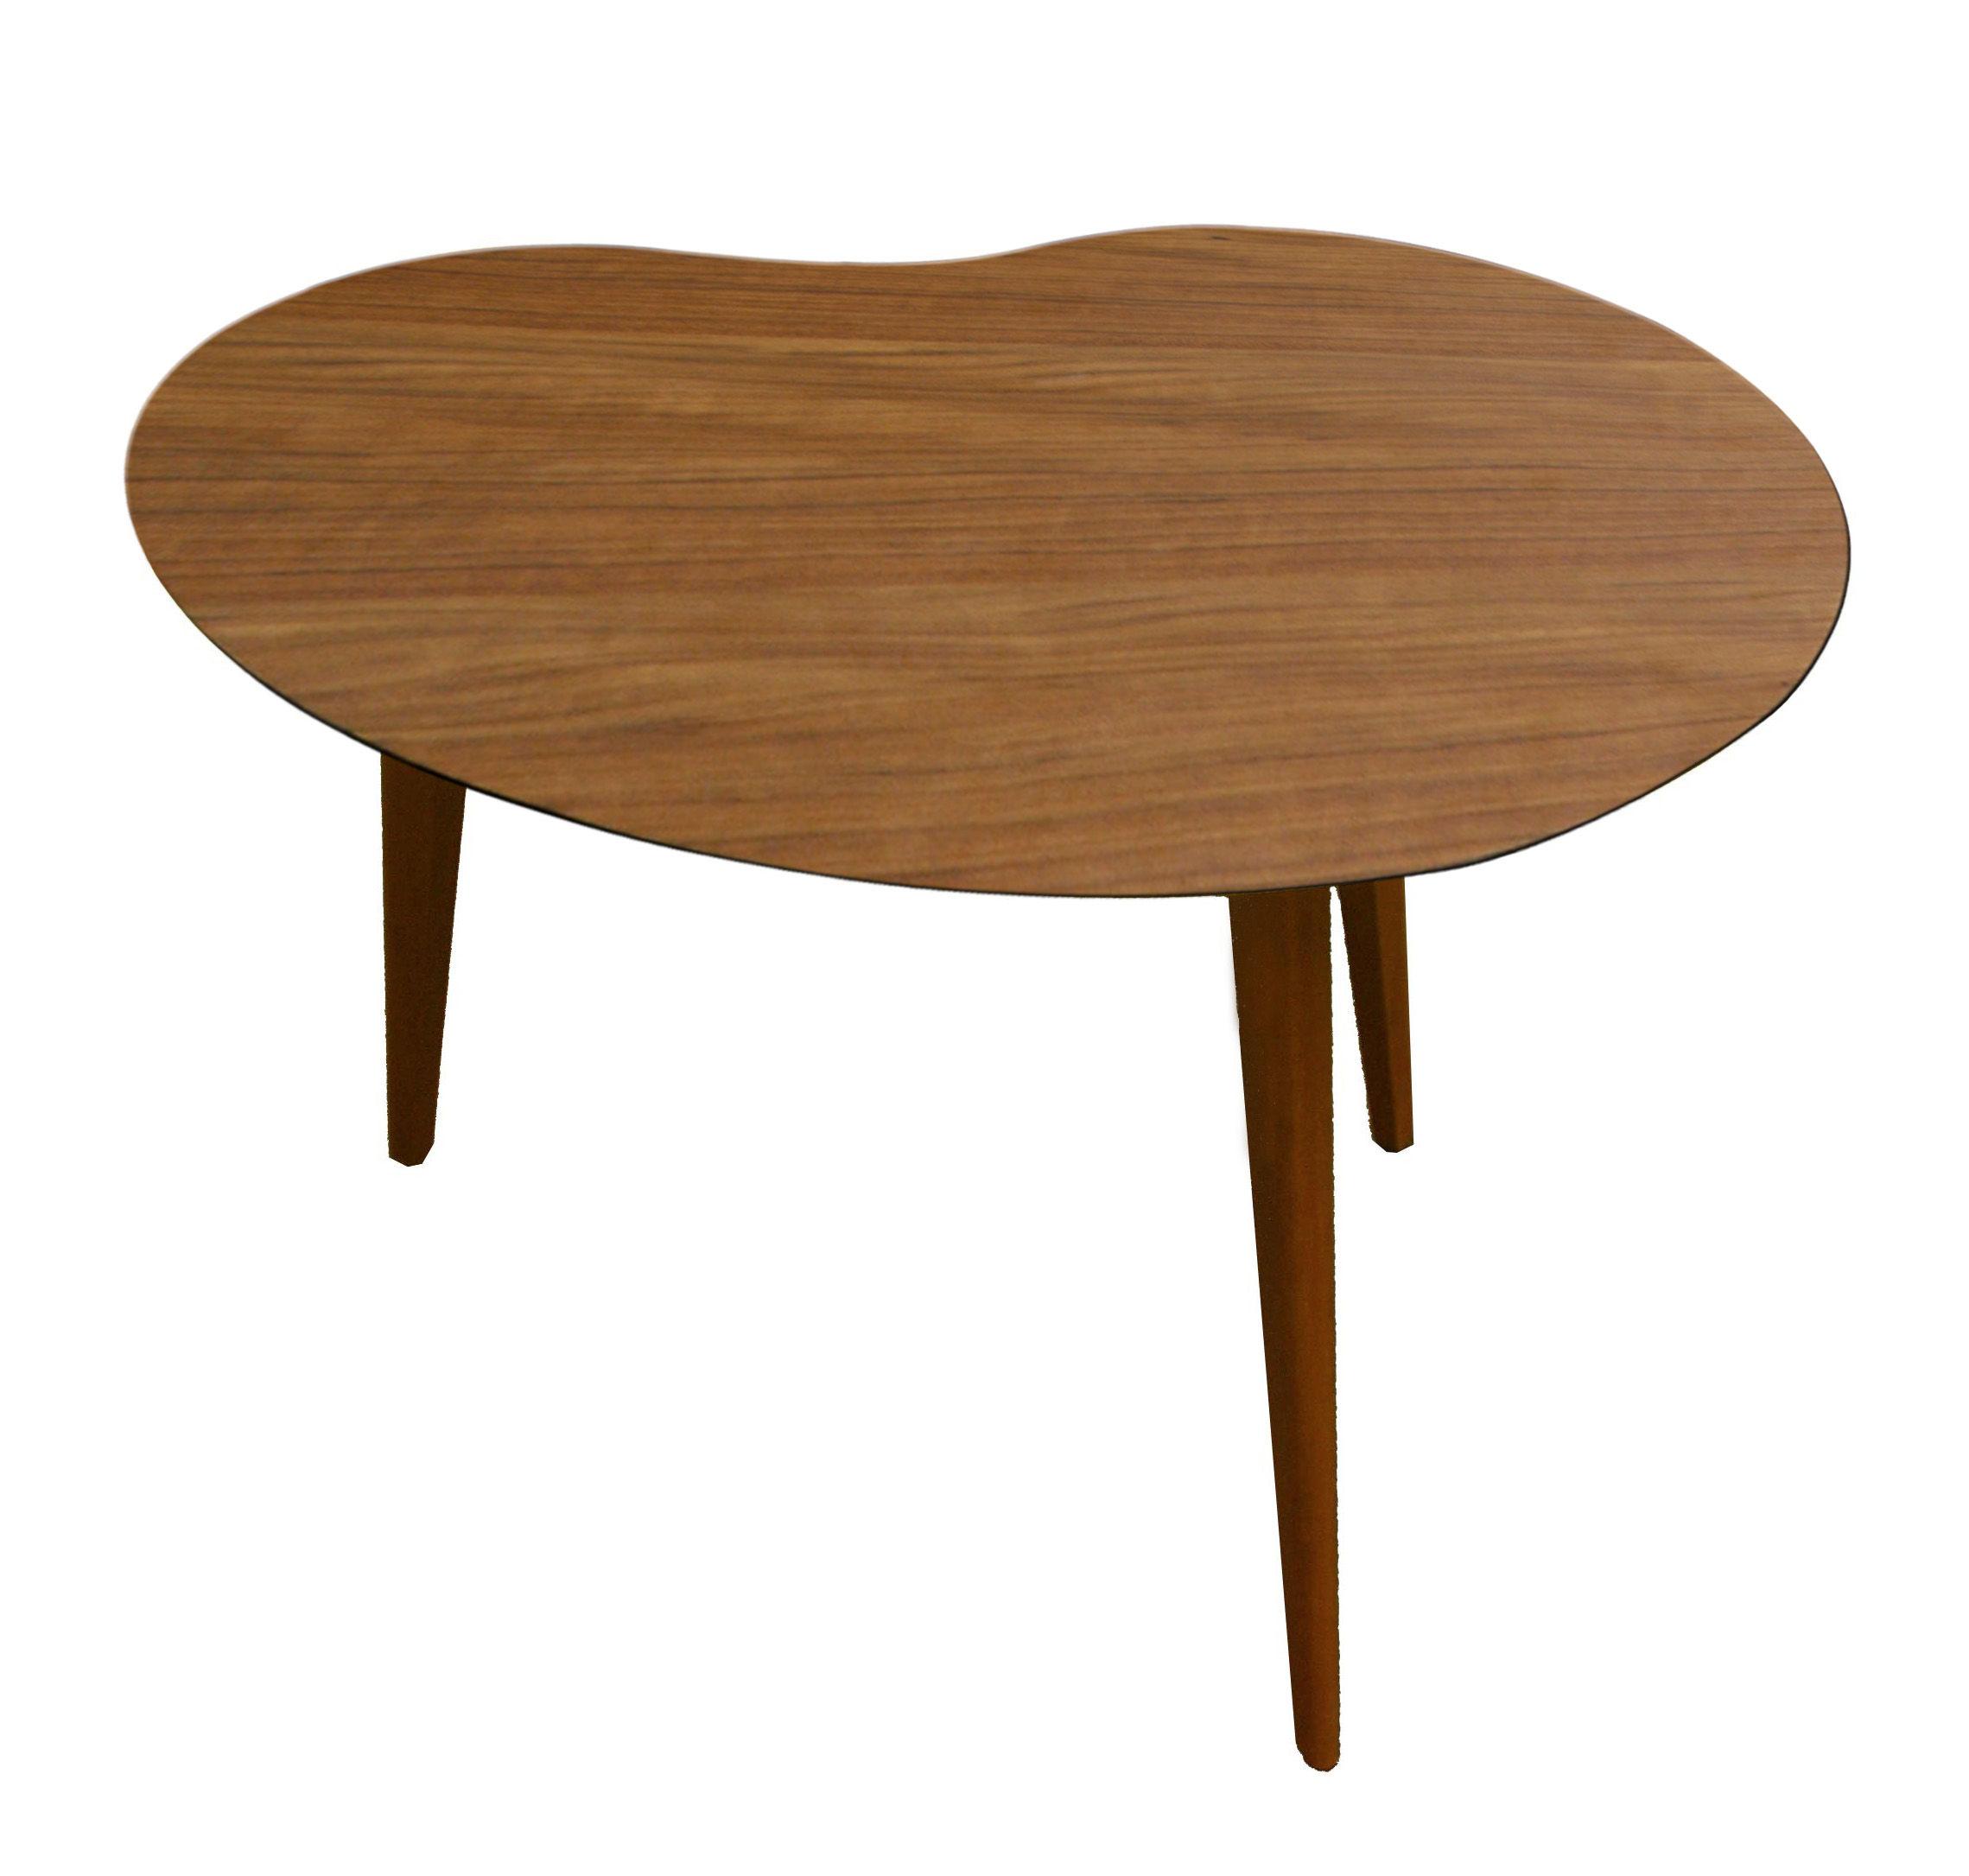 lalinde haricot couchtisch nierentisch klein tischbeine aus holz teak tischbeine holz by. Black Bedroom Furniture Sets. Home Design Ideas